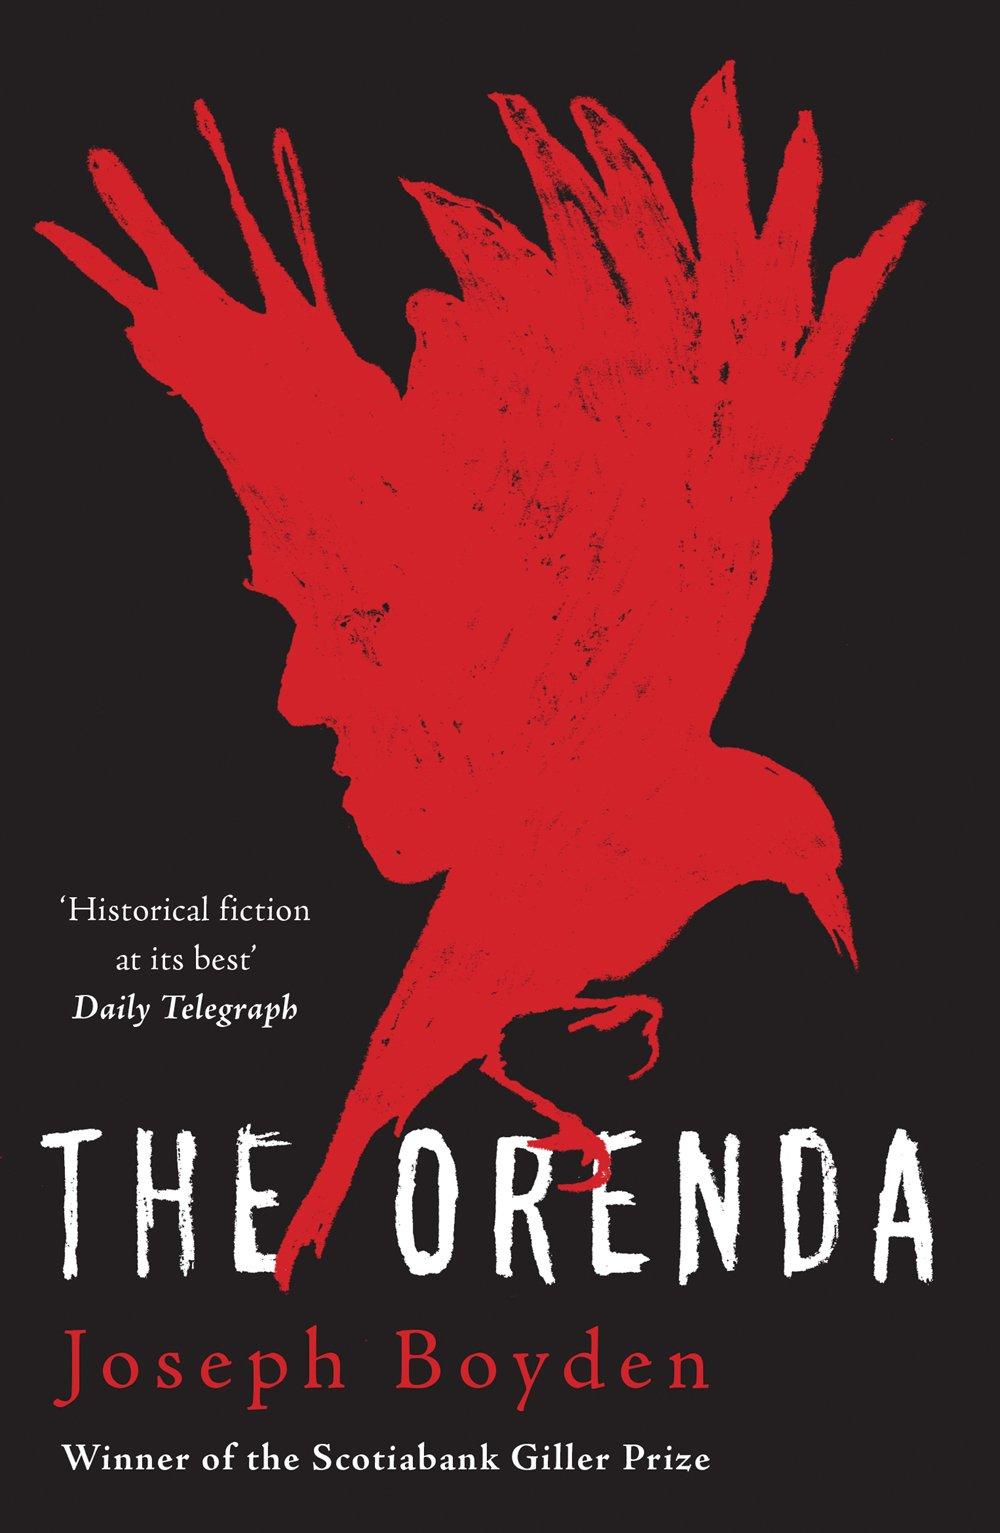 The Orenda by Joseph Boyden cover photo